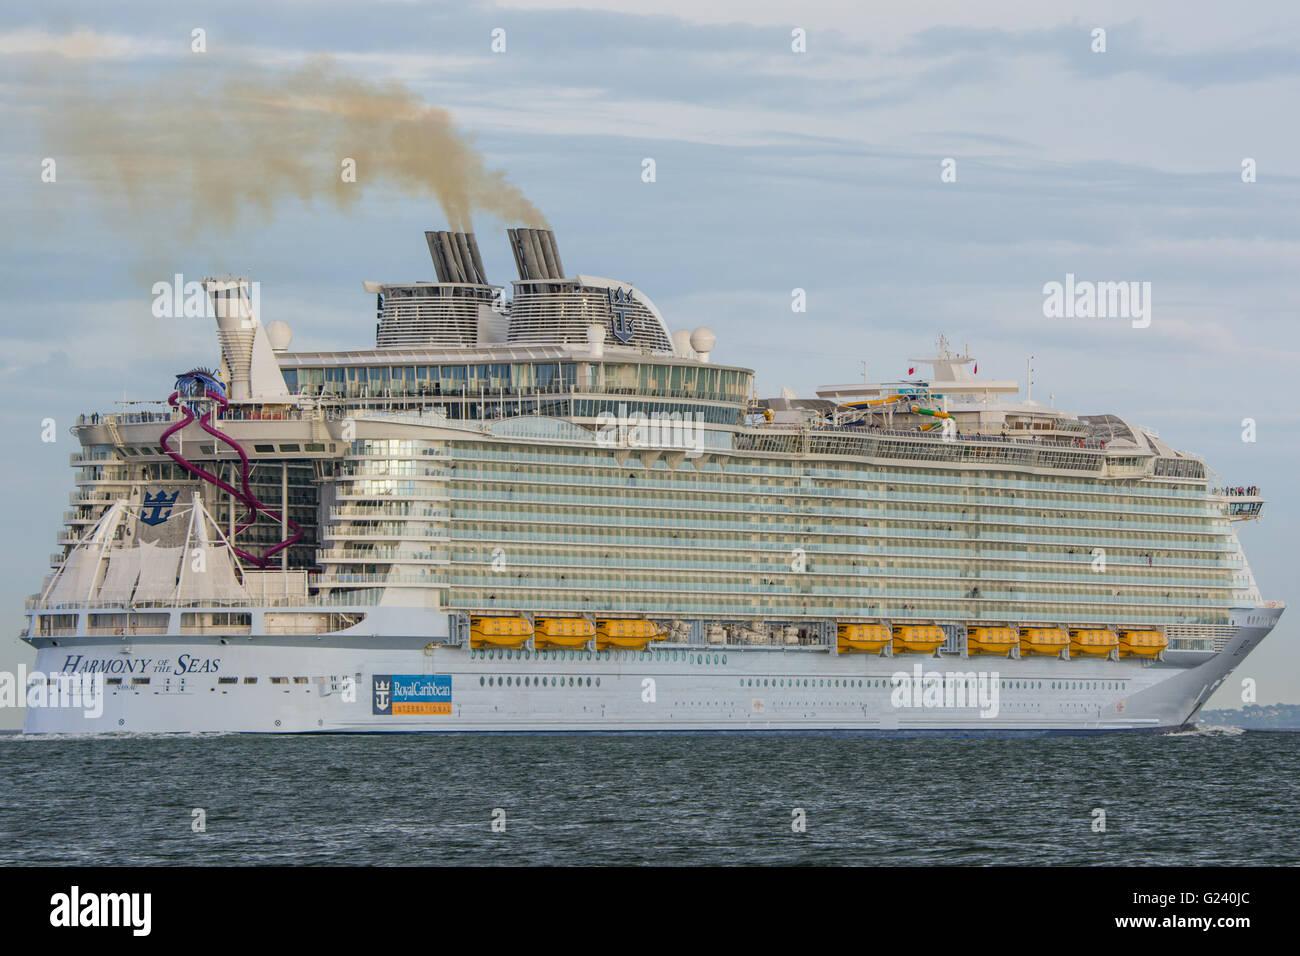 Harmony Of The Seas Stock Photo Royalty Free Image